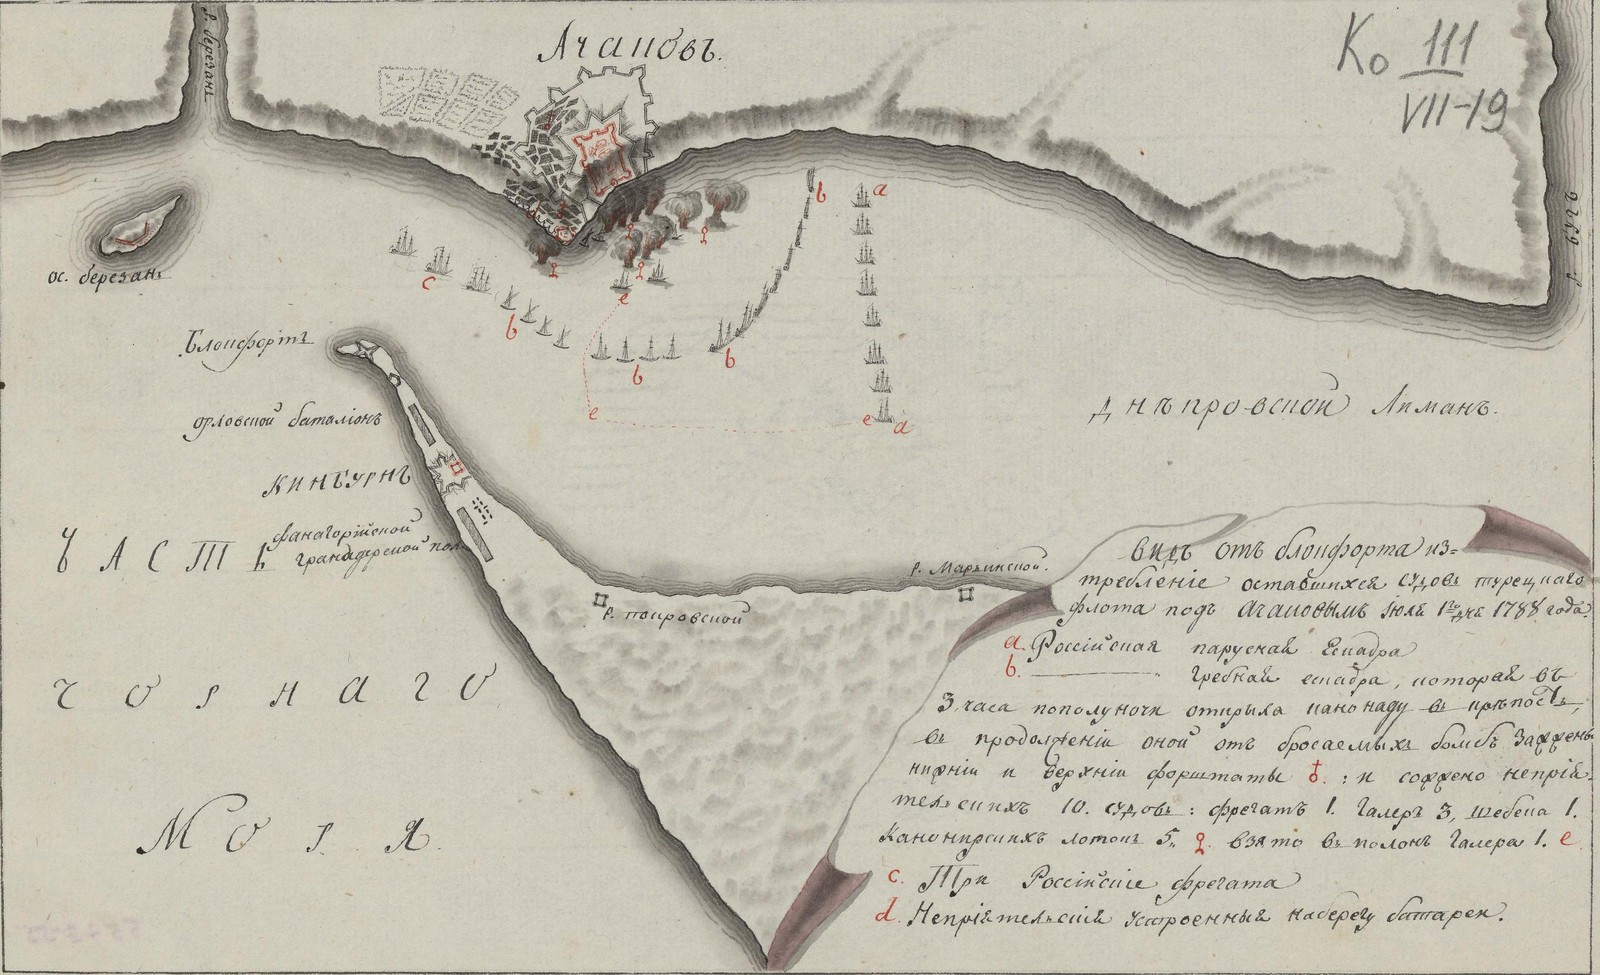 Черное море. Вид от Блонфорта. Изтребление оставшихся судов турецкаго флота под Ачаковым июля 1-го дня 1788 года